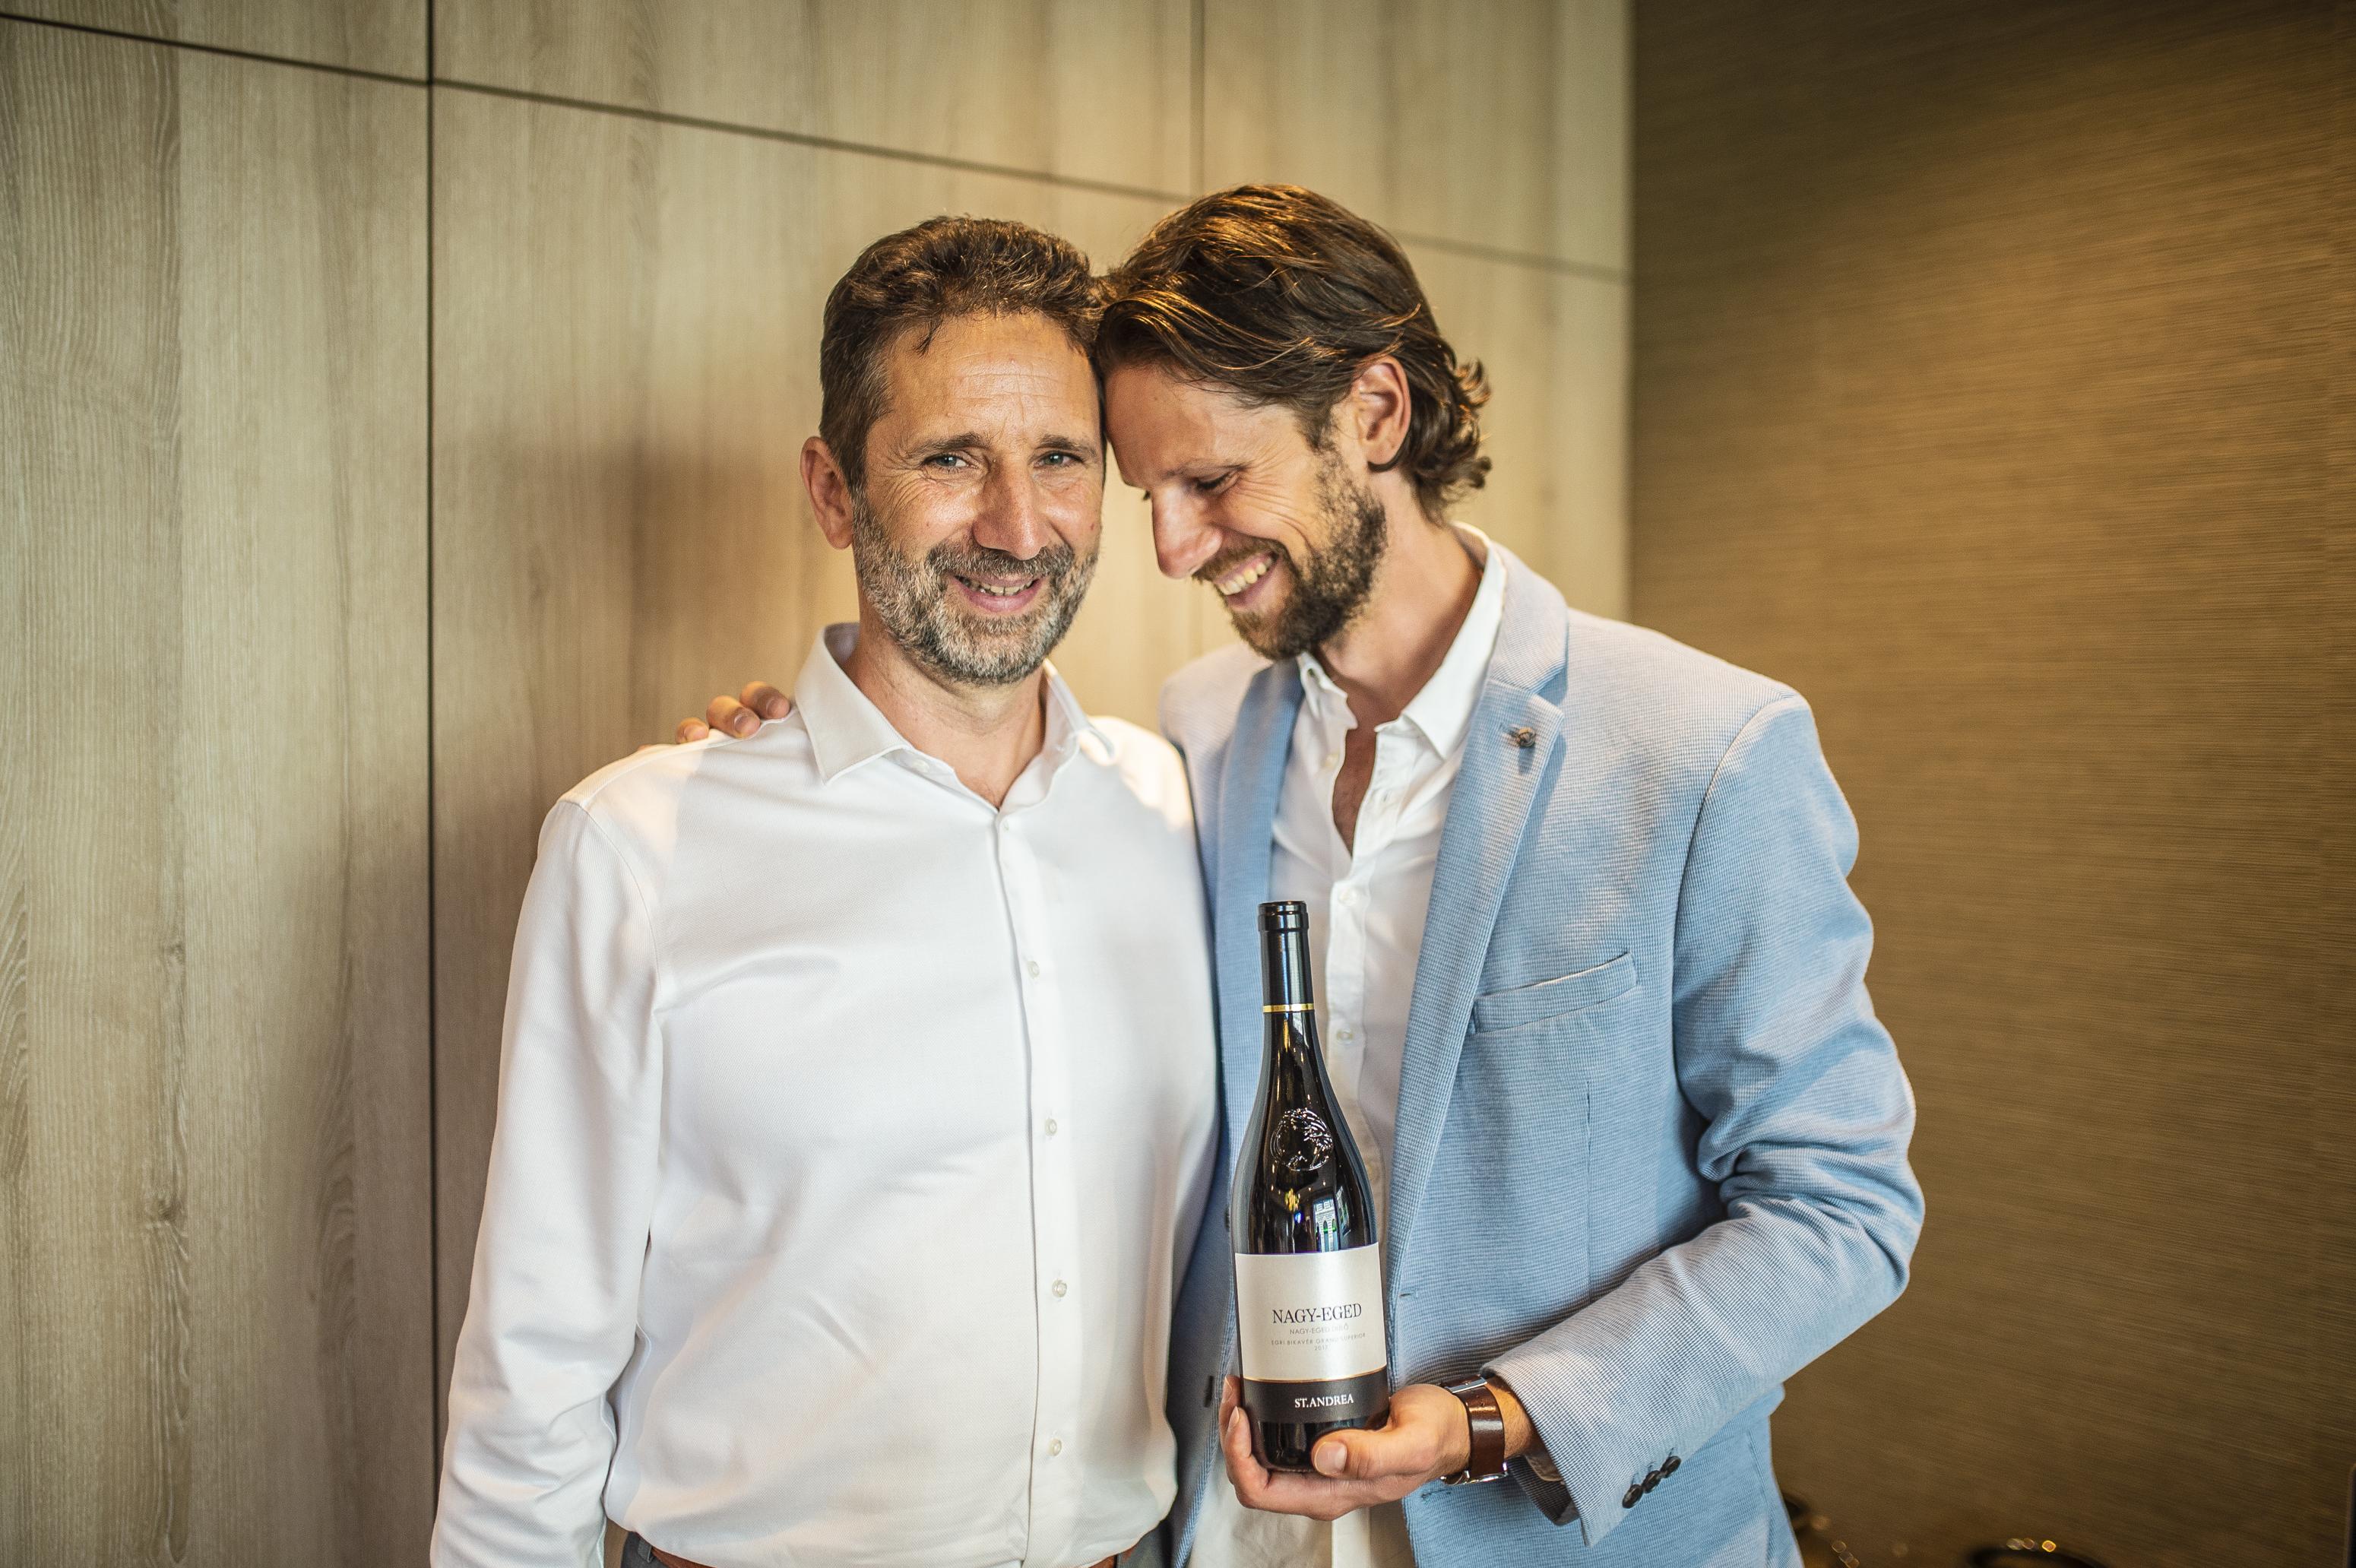 Apa és fia közös munkája, egy magyar bikavér került a világ legjobb 50 bora közé, megkósoltuk